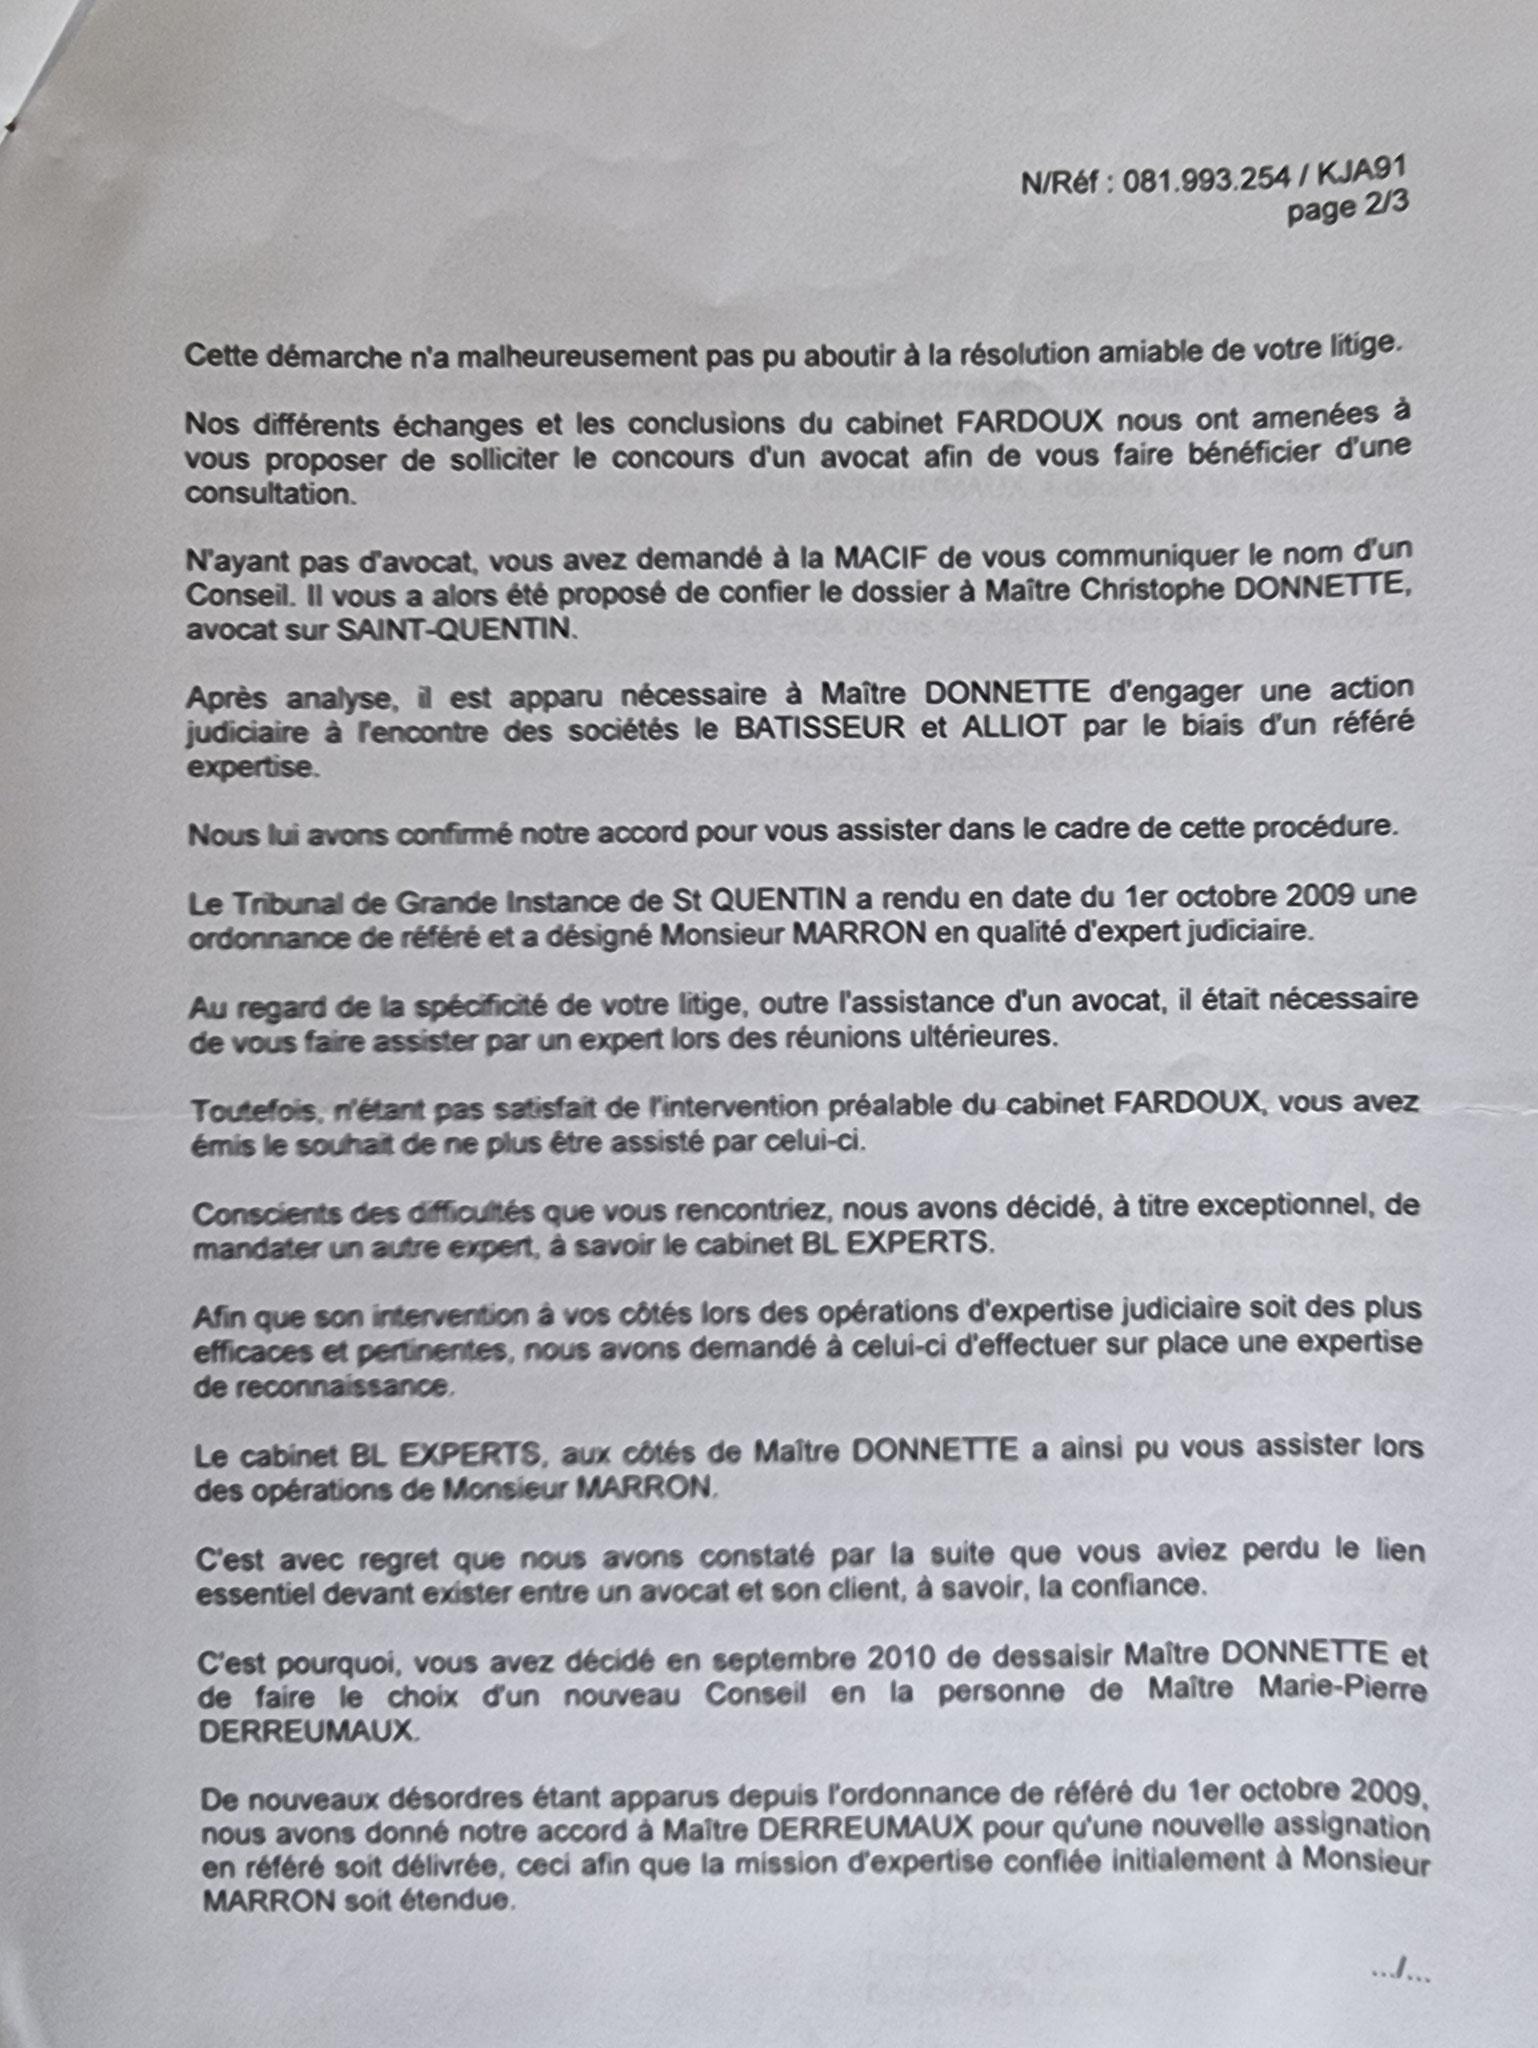 Le 31 Janvier 2011 Notre ASSUREUR LA MACIF nous adresse un courrier.    Histoire de nous mettre la pression pour nous faire peur    C'est IGNOBLE et LAMENTABLE...    INACCEPTABLE  BORDERLINE    EXPERTISES JUDICIAIRES ENTRE COPAINS...  www.jesuispatrick.fr